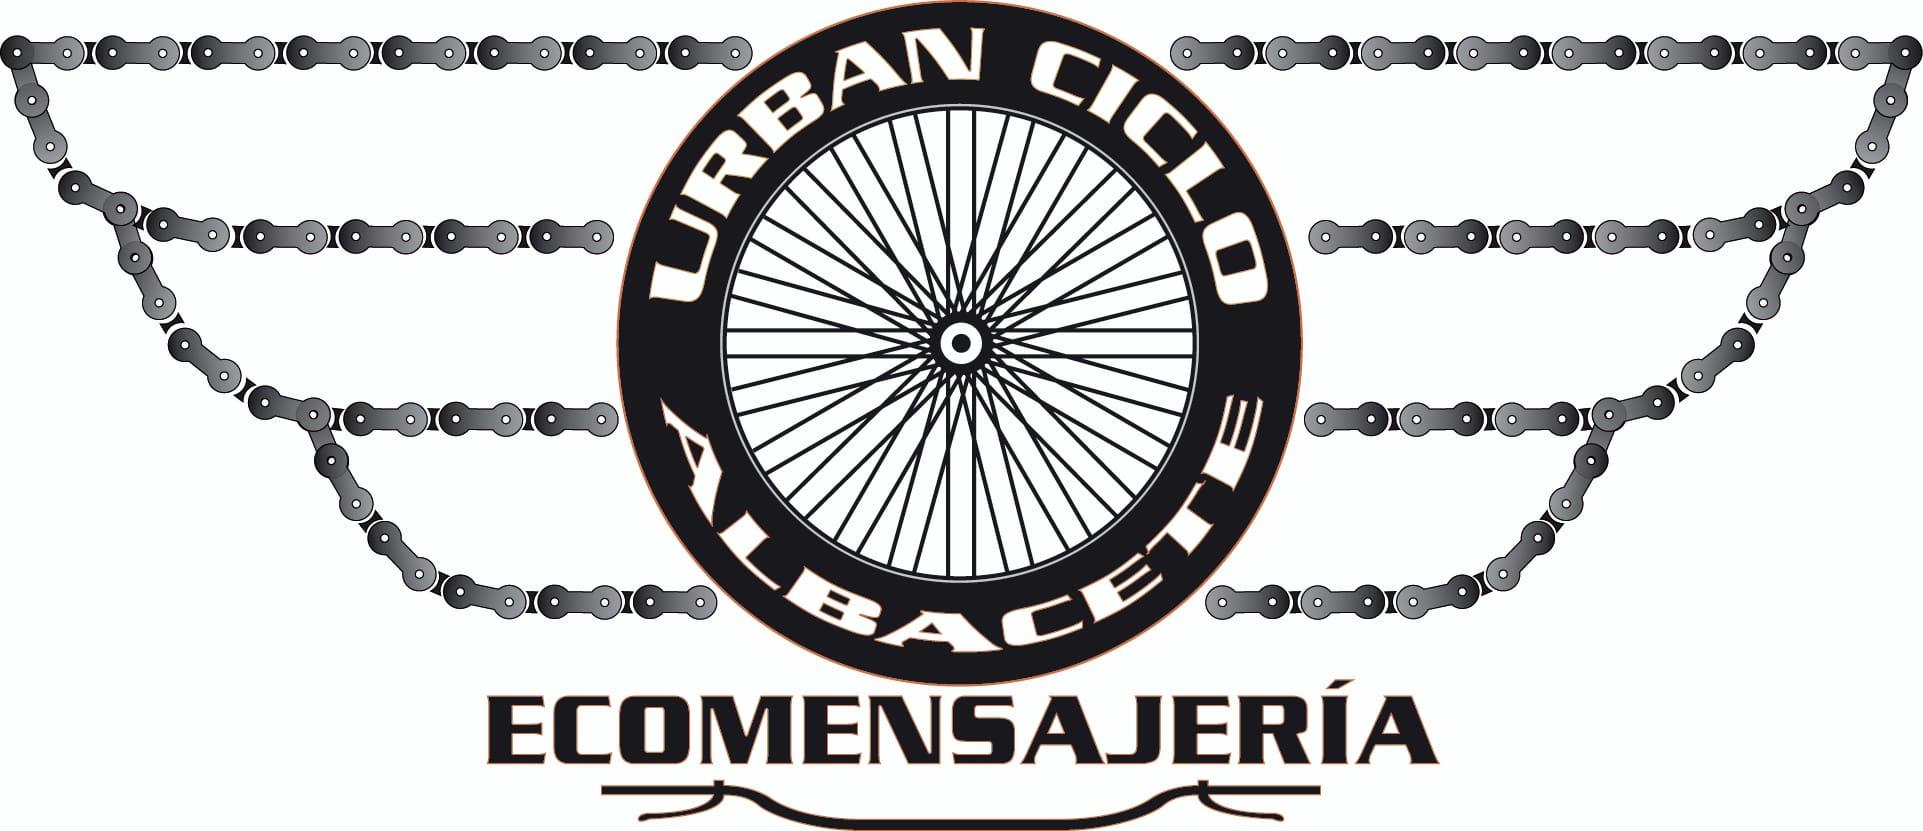 UrbanCiclo – Ecomensajería